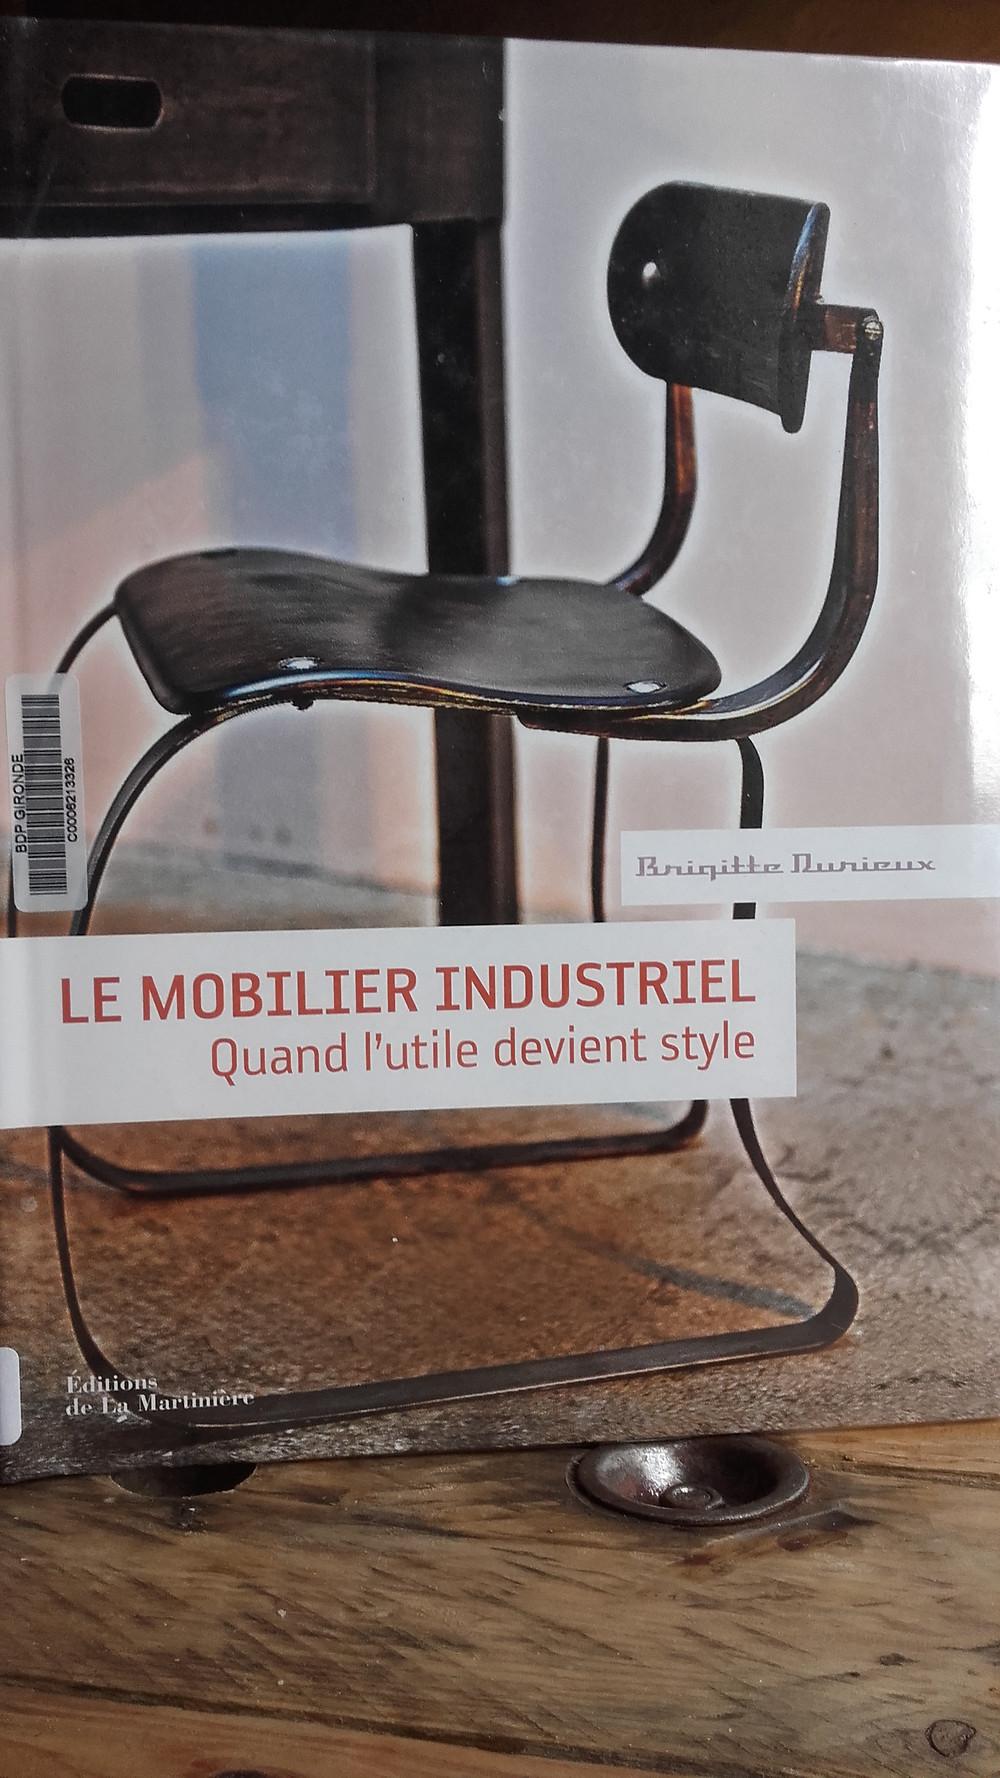 le mobilier industriel Brigitte Durieux